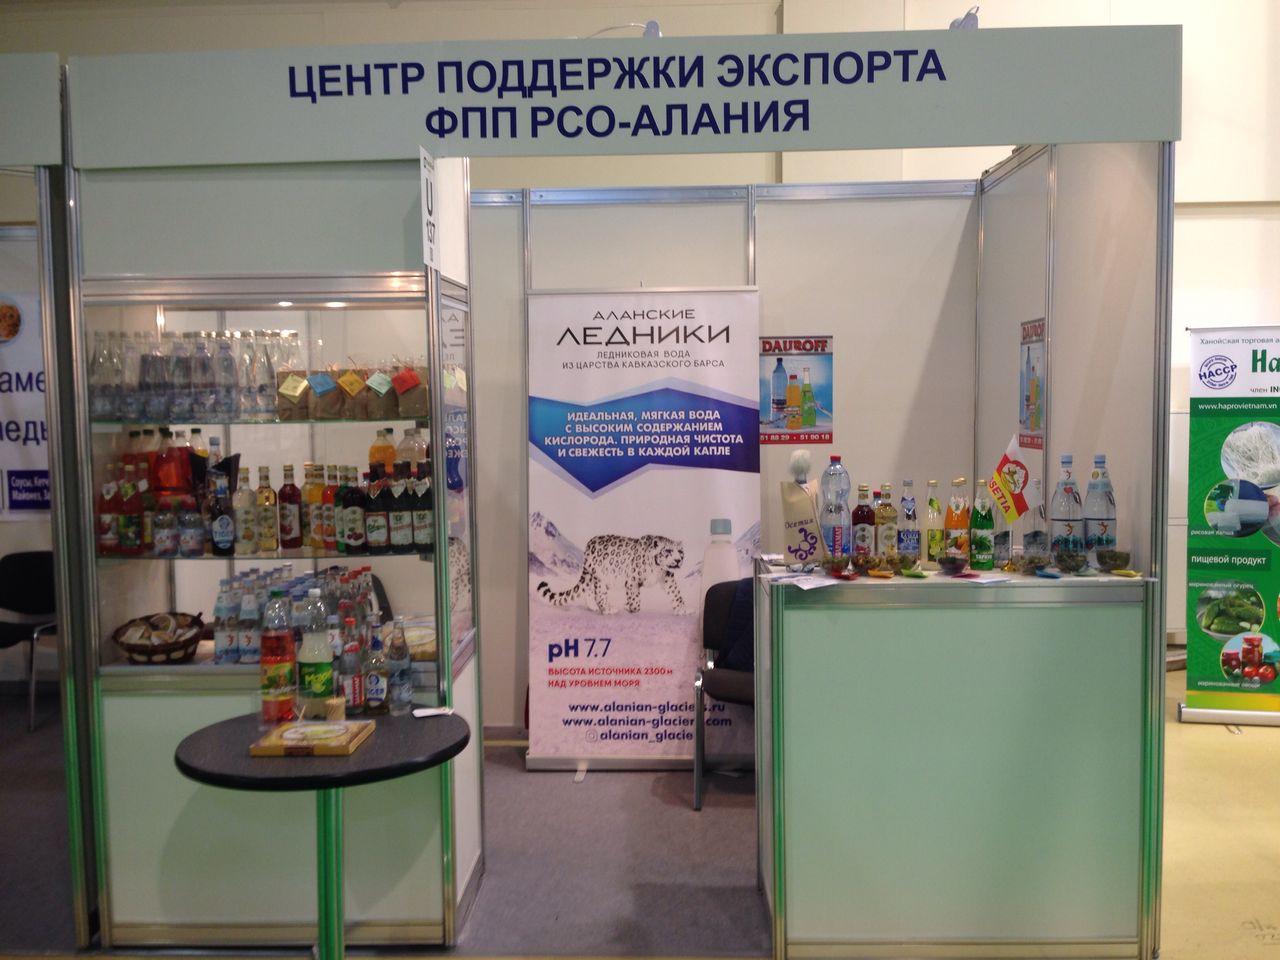 С 17 по 20 сентября 2018 года в г. Москве проходит международная продовольственная выставка WorldFood Moscow2018